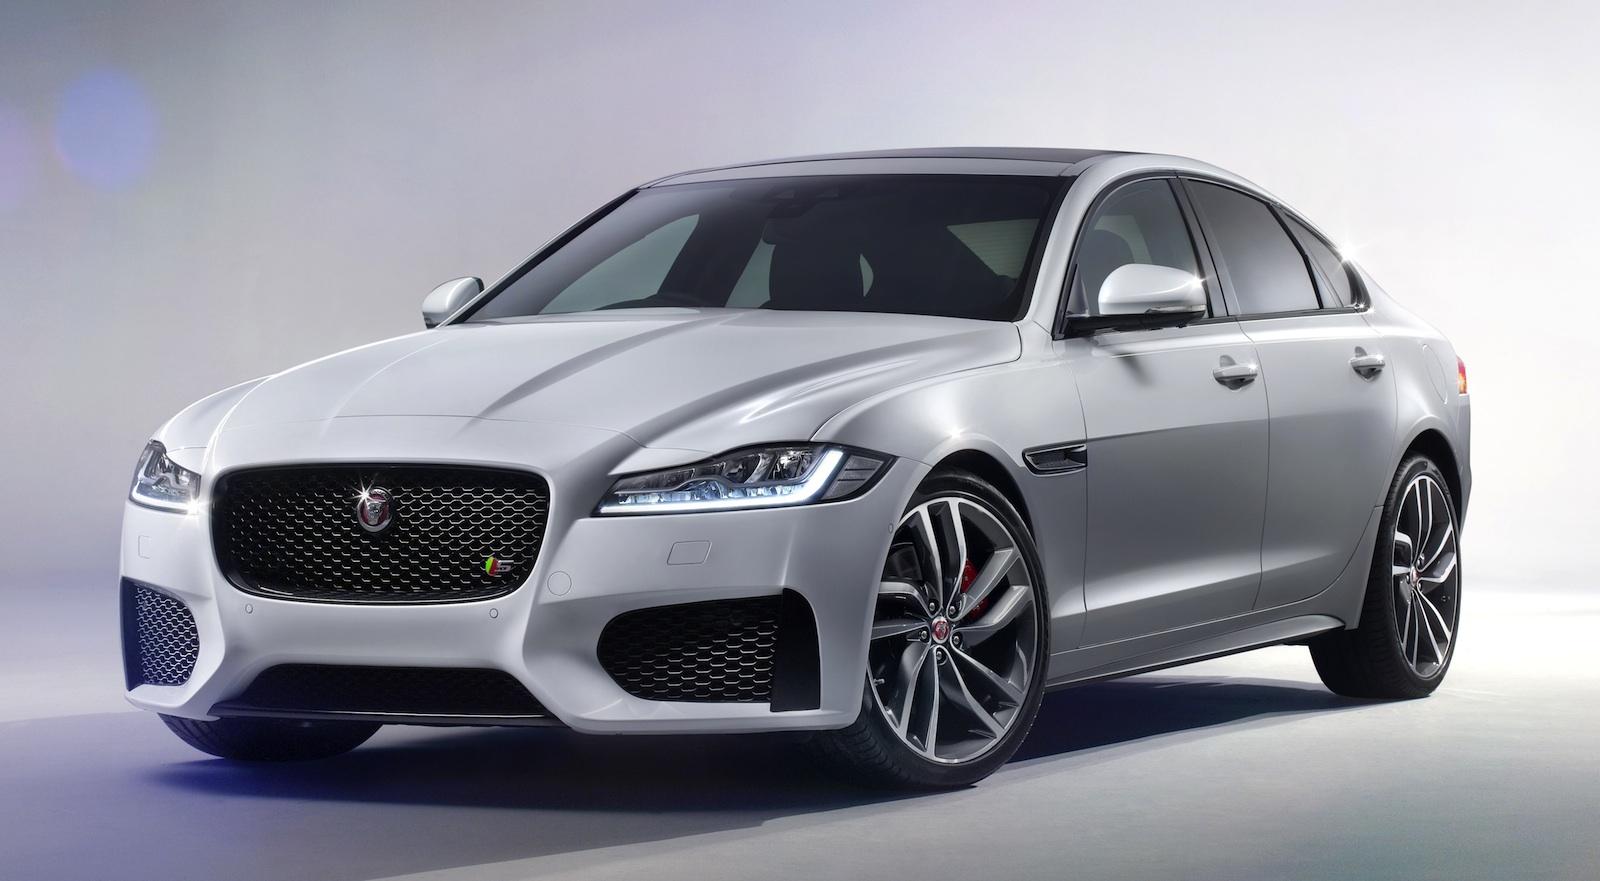 svjetski-auto-godine-2016-2016-Jaguar-XF-autonovosti.me-3